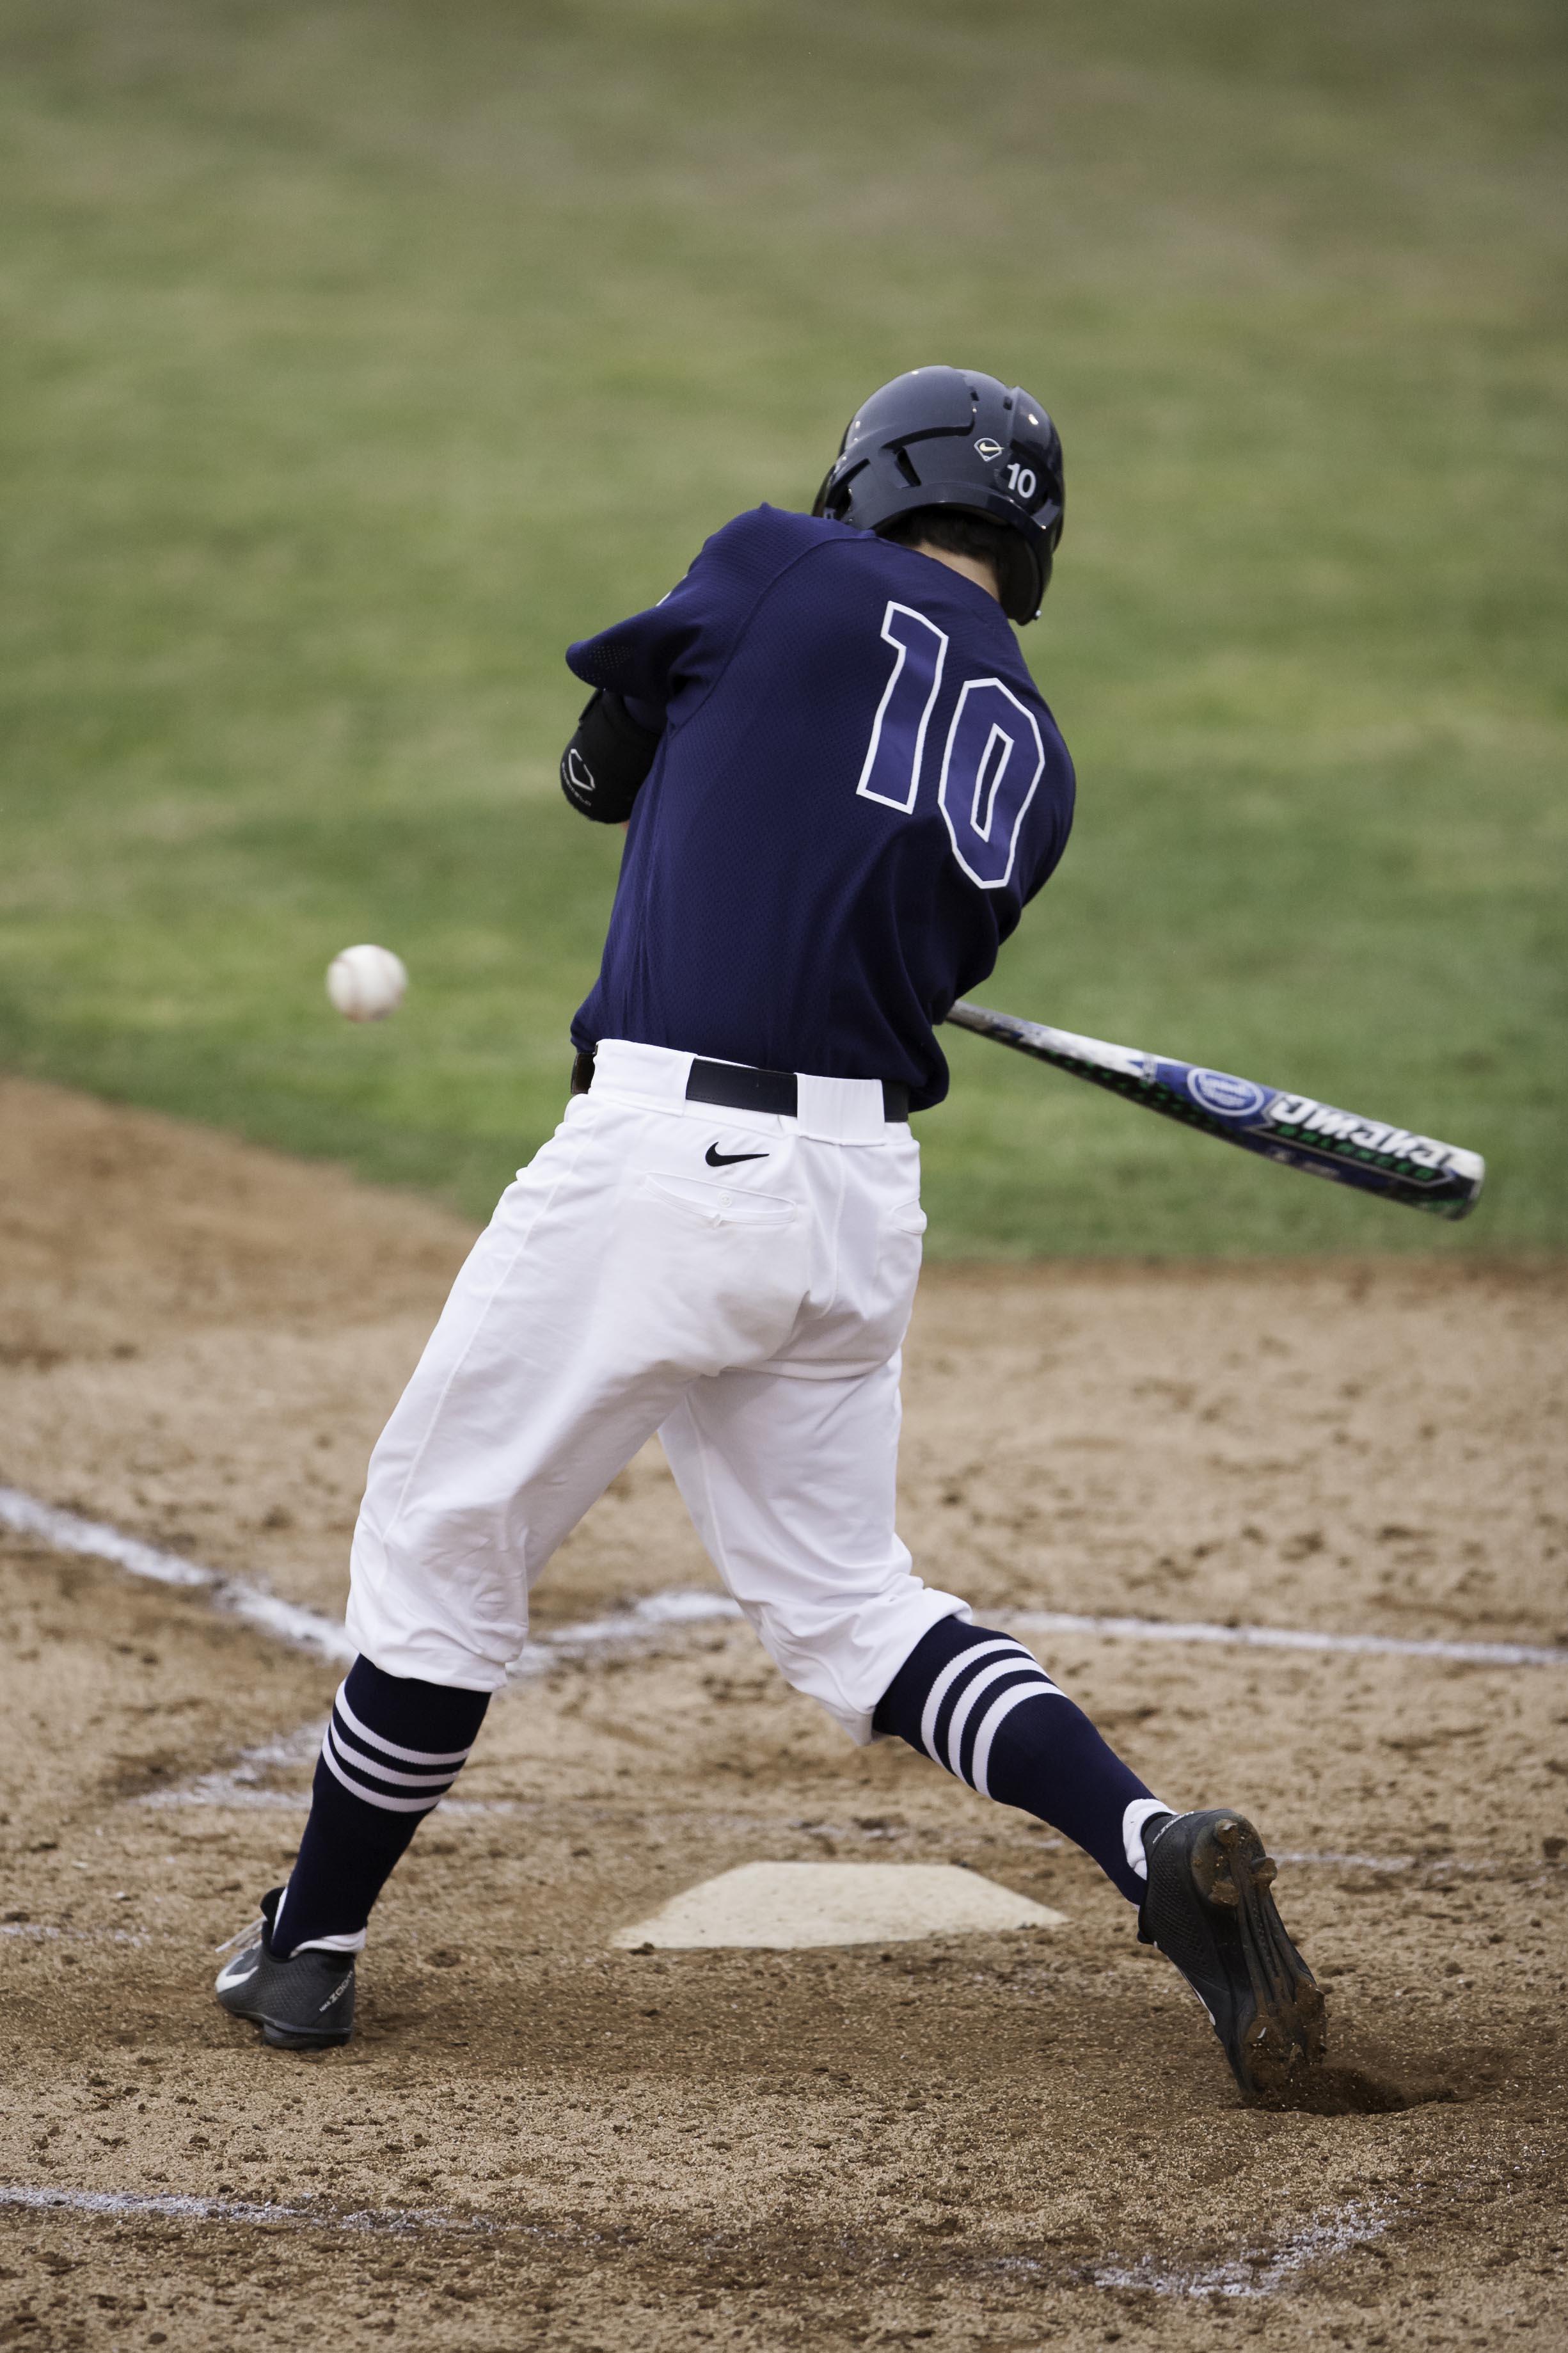 Dakota Hernandez of BYU up for bat against University of California, Irvine. (Elliott Miller)